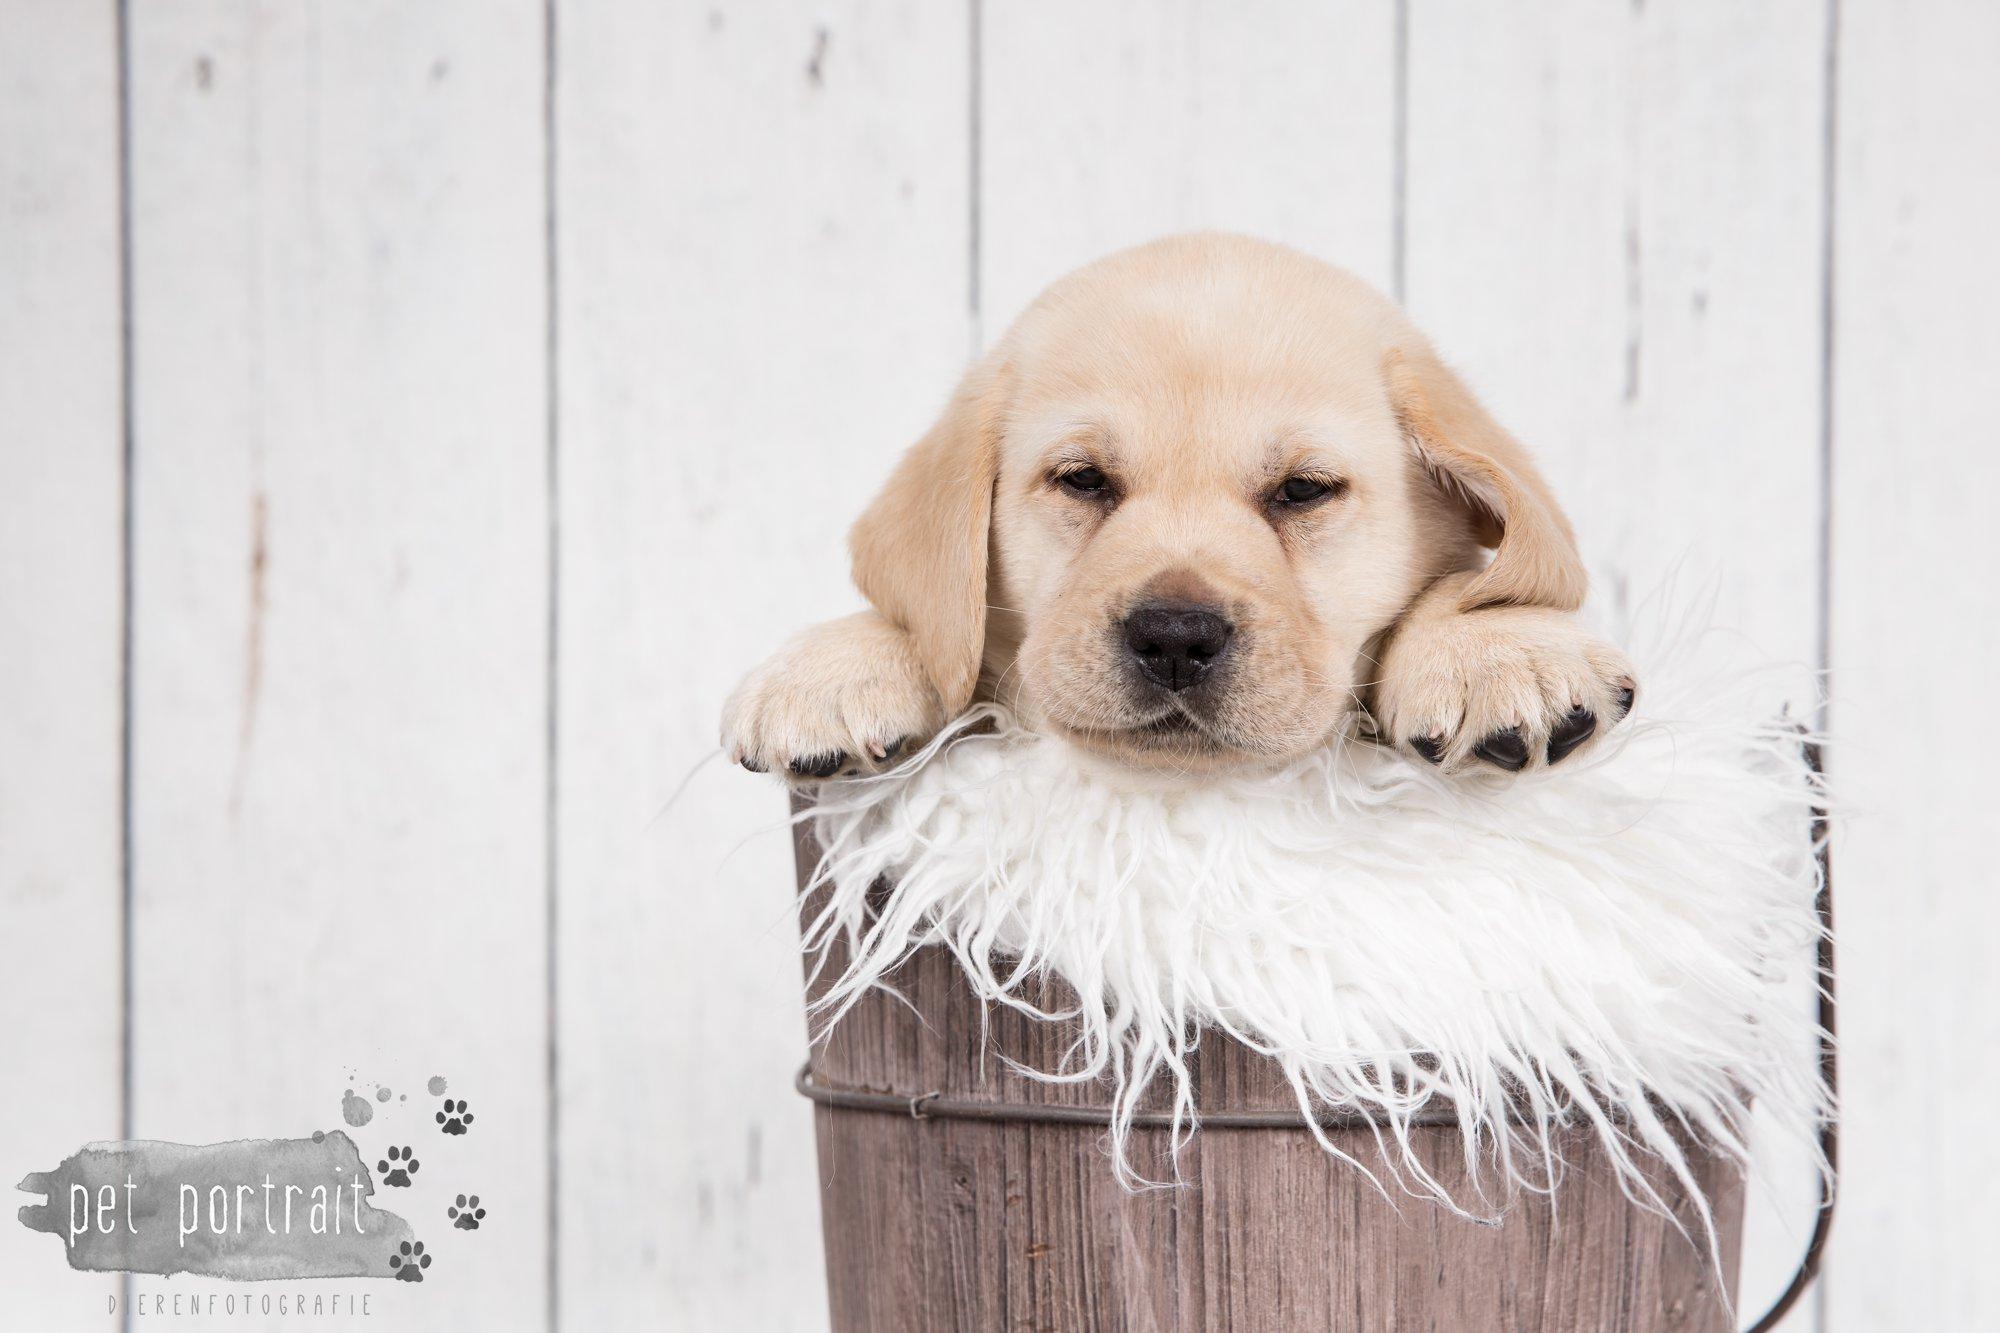 Hondenfotograaf Hillegom - Nestfotoshoot voor Labrador pups-34